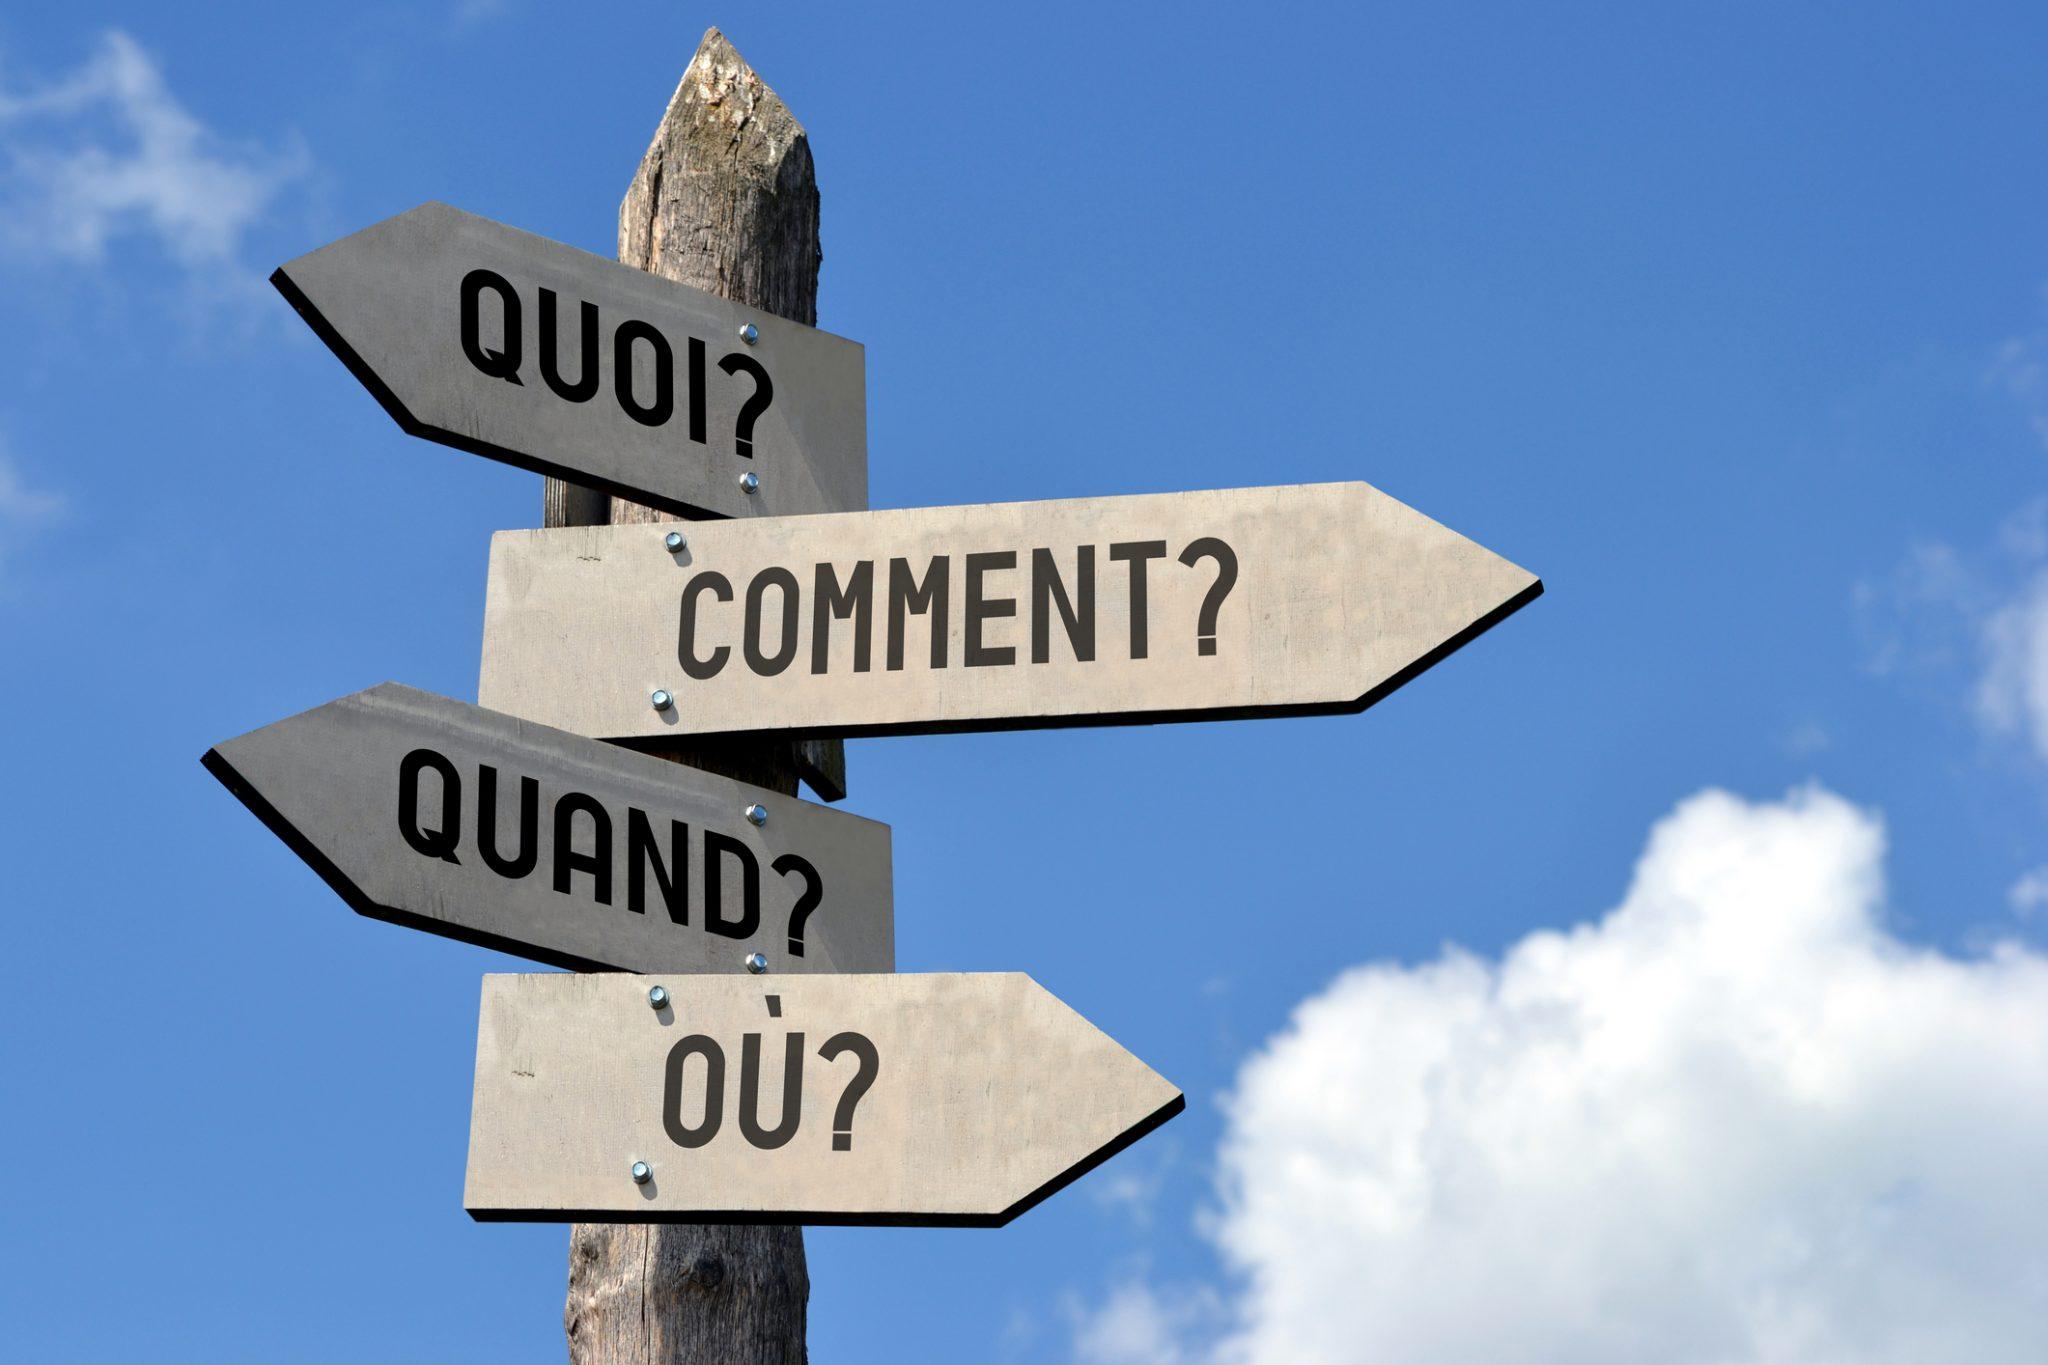 réforme des retraites pension retraite questions réponses